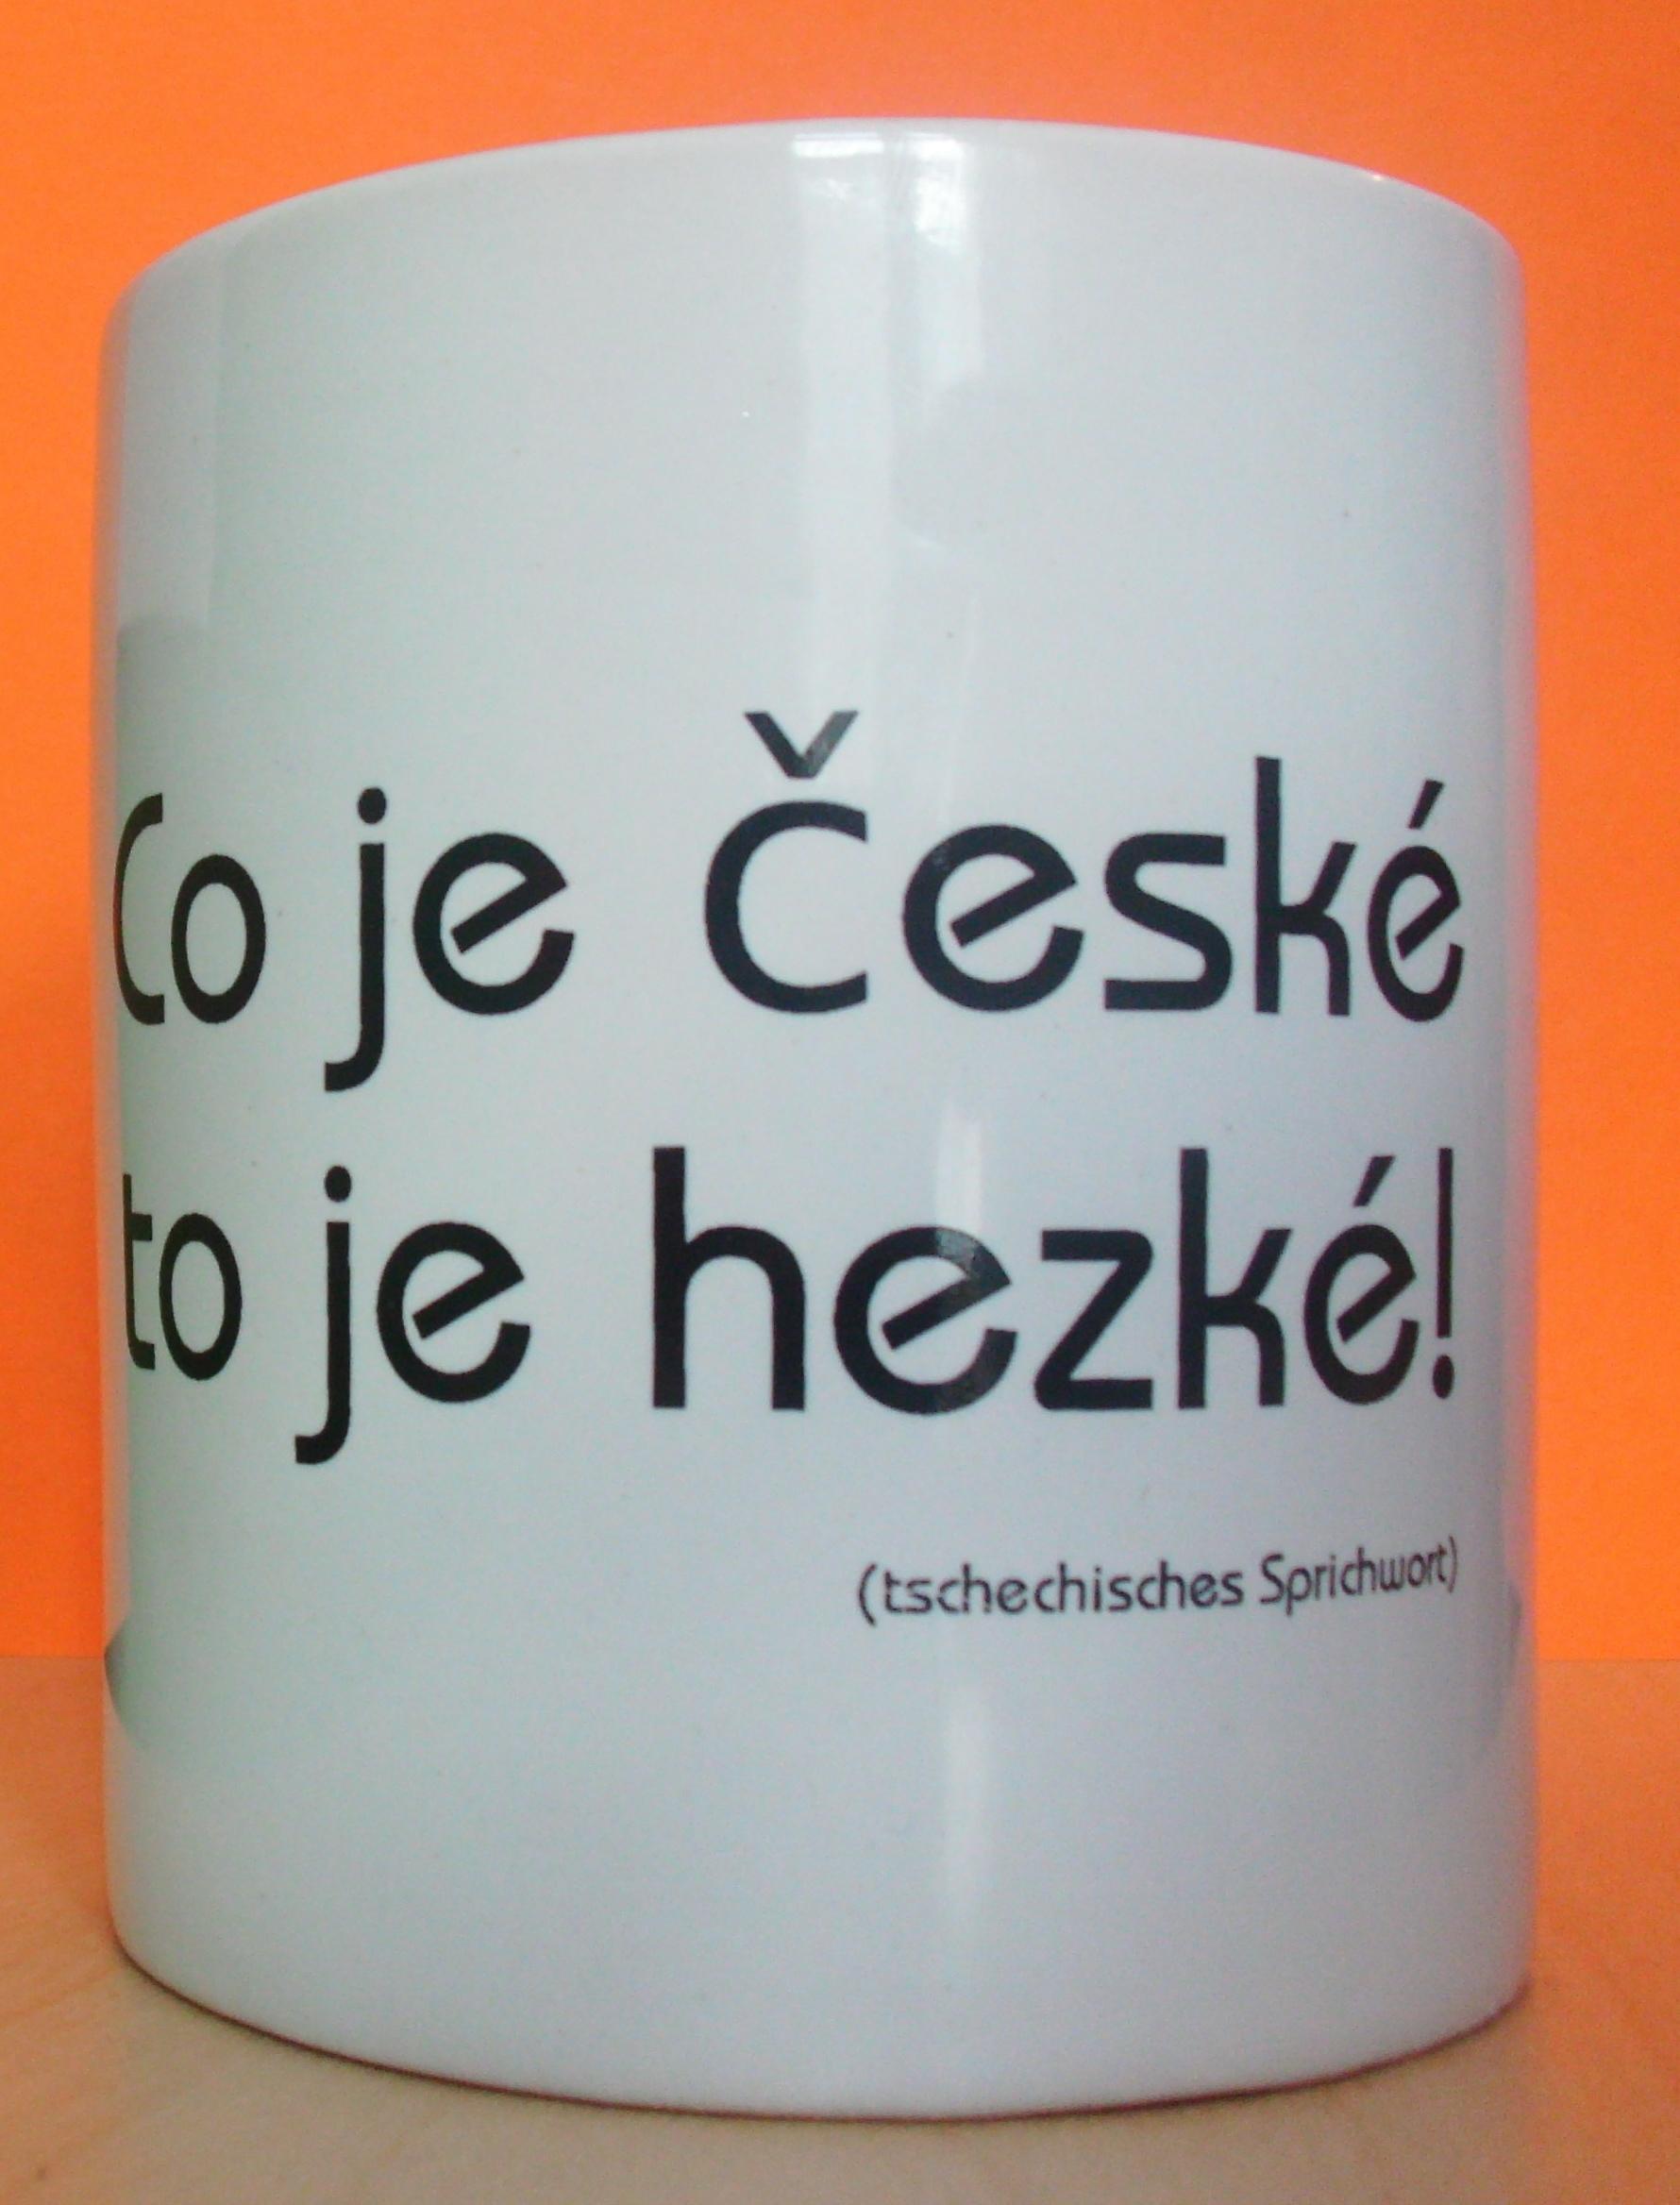 tschechisches Sprichwort auf einer Tasse